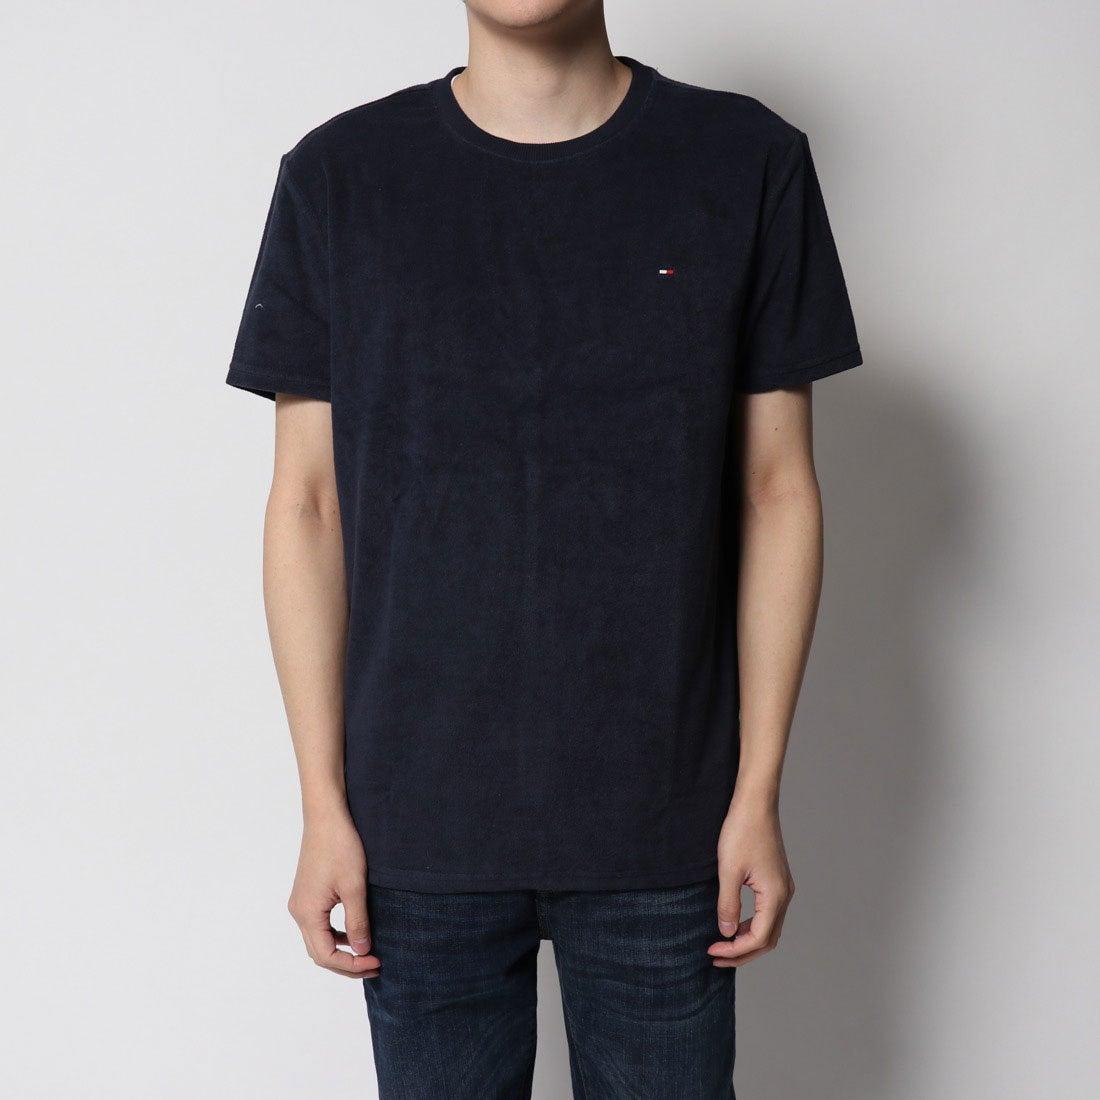 ロコンド 靴とファッションの通販サイトトミーヒルフィガー TOMMY HILFIGER 1ポイントリラックスTシャツ (ネイビー)